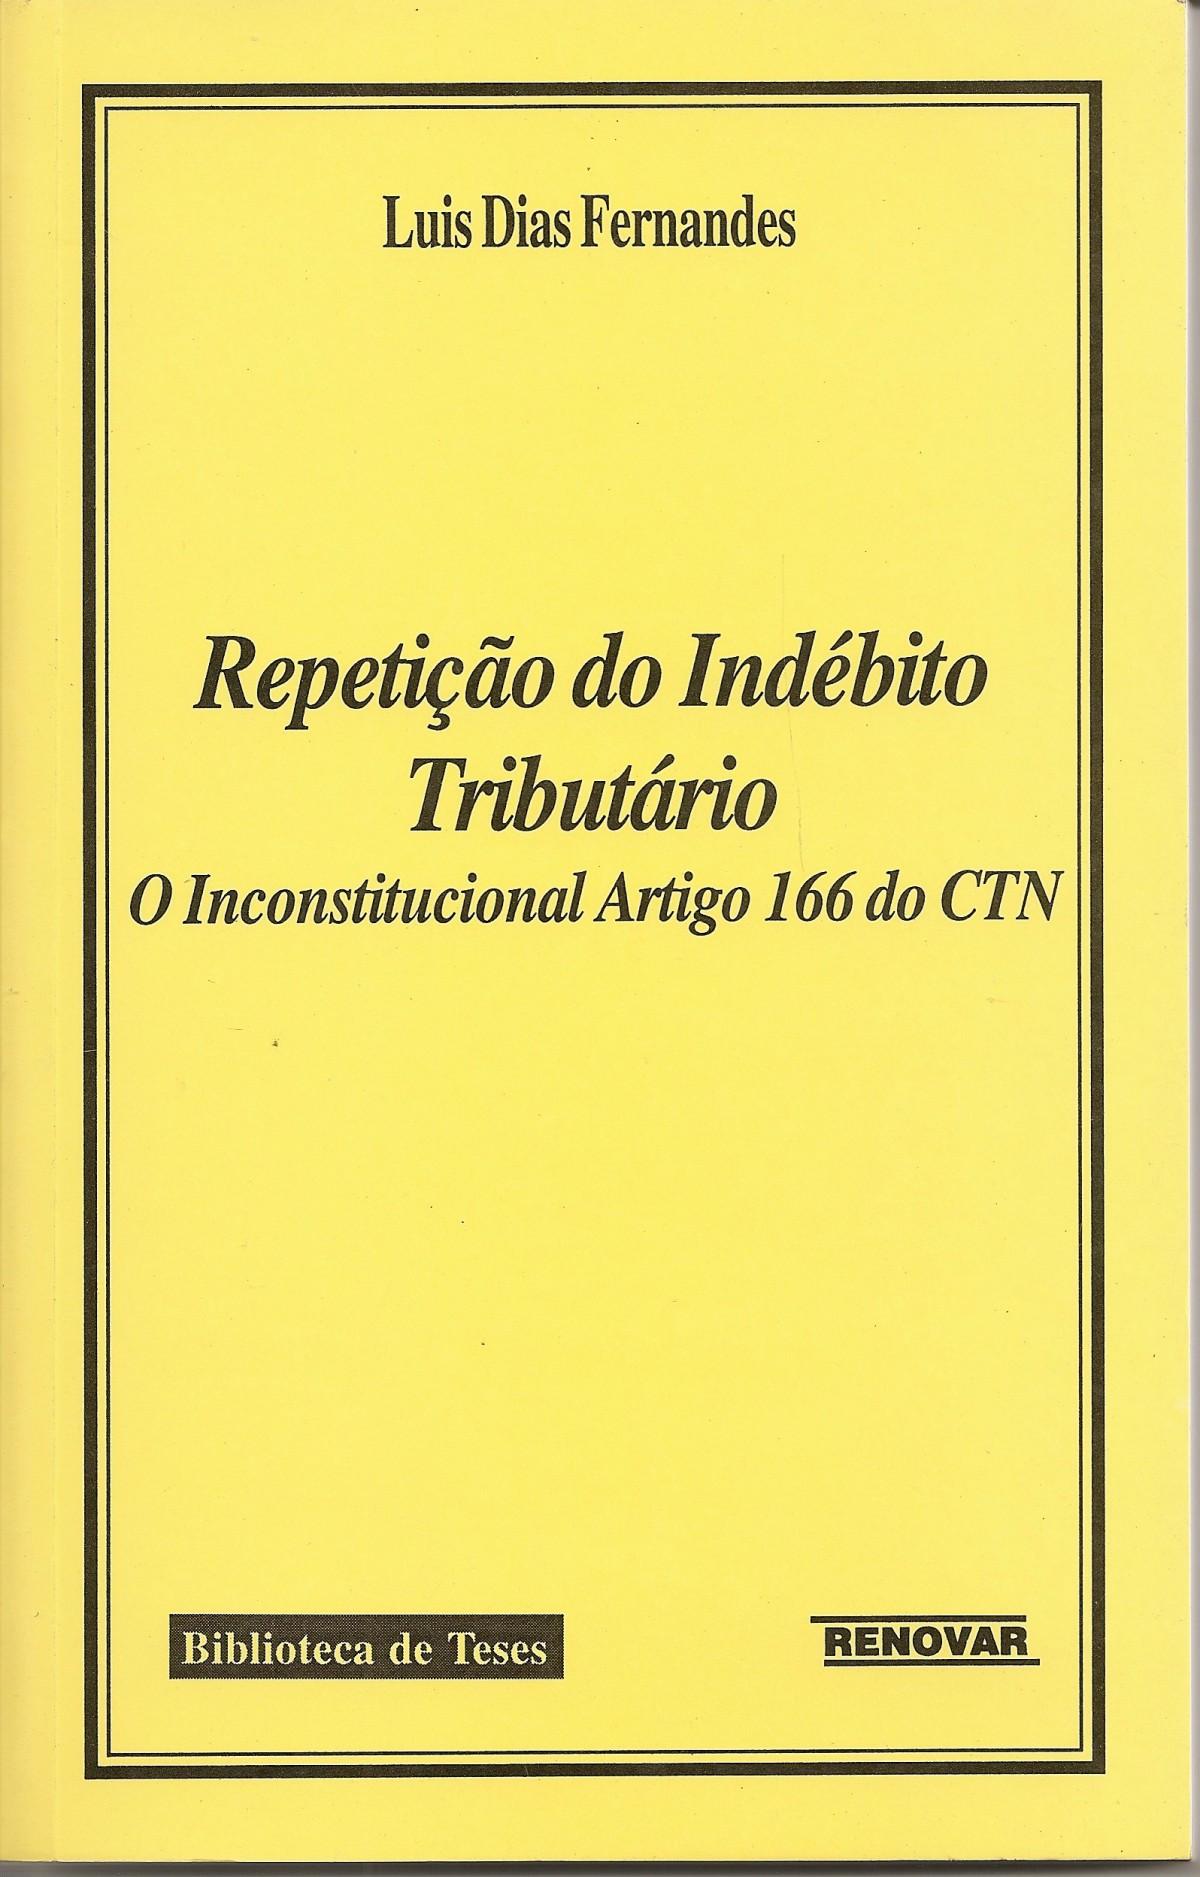 Foto 1 - Repetição do Indébito Tributário - O Inconstitucional Artigo 166 do Ctn